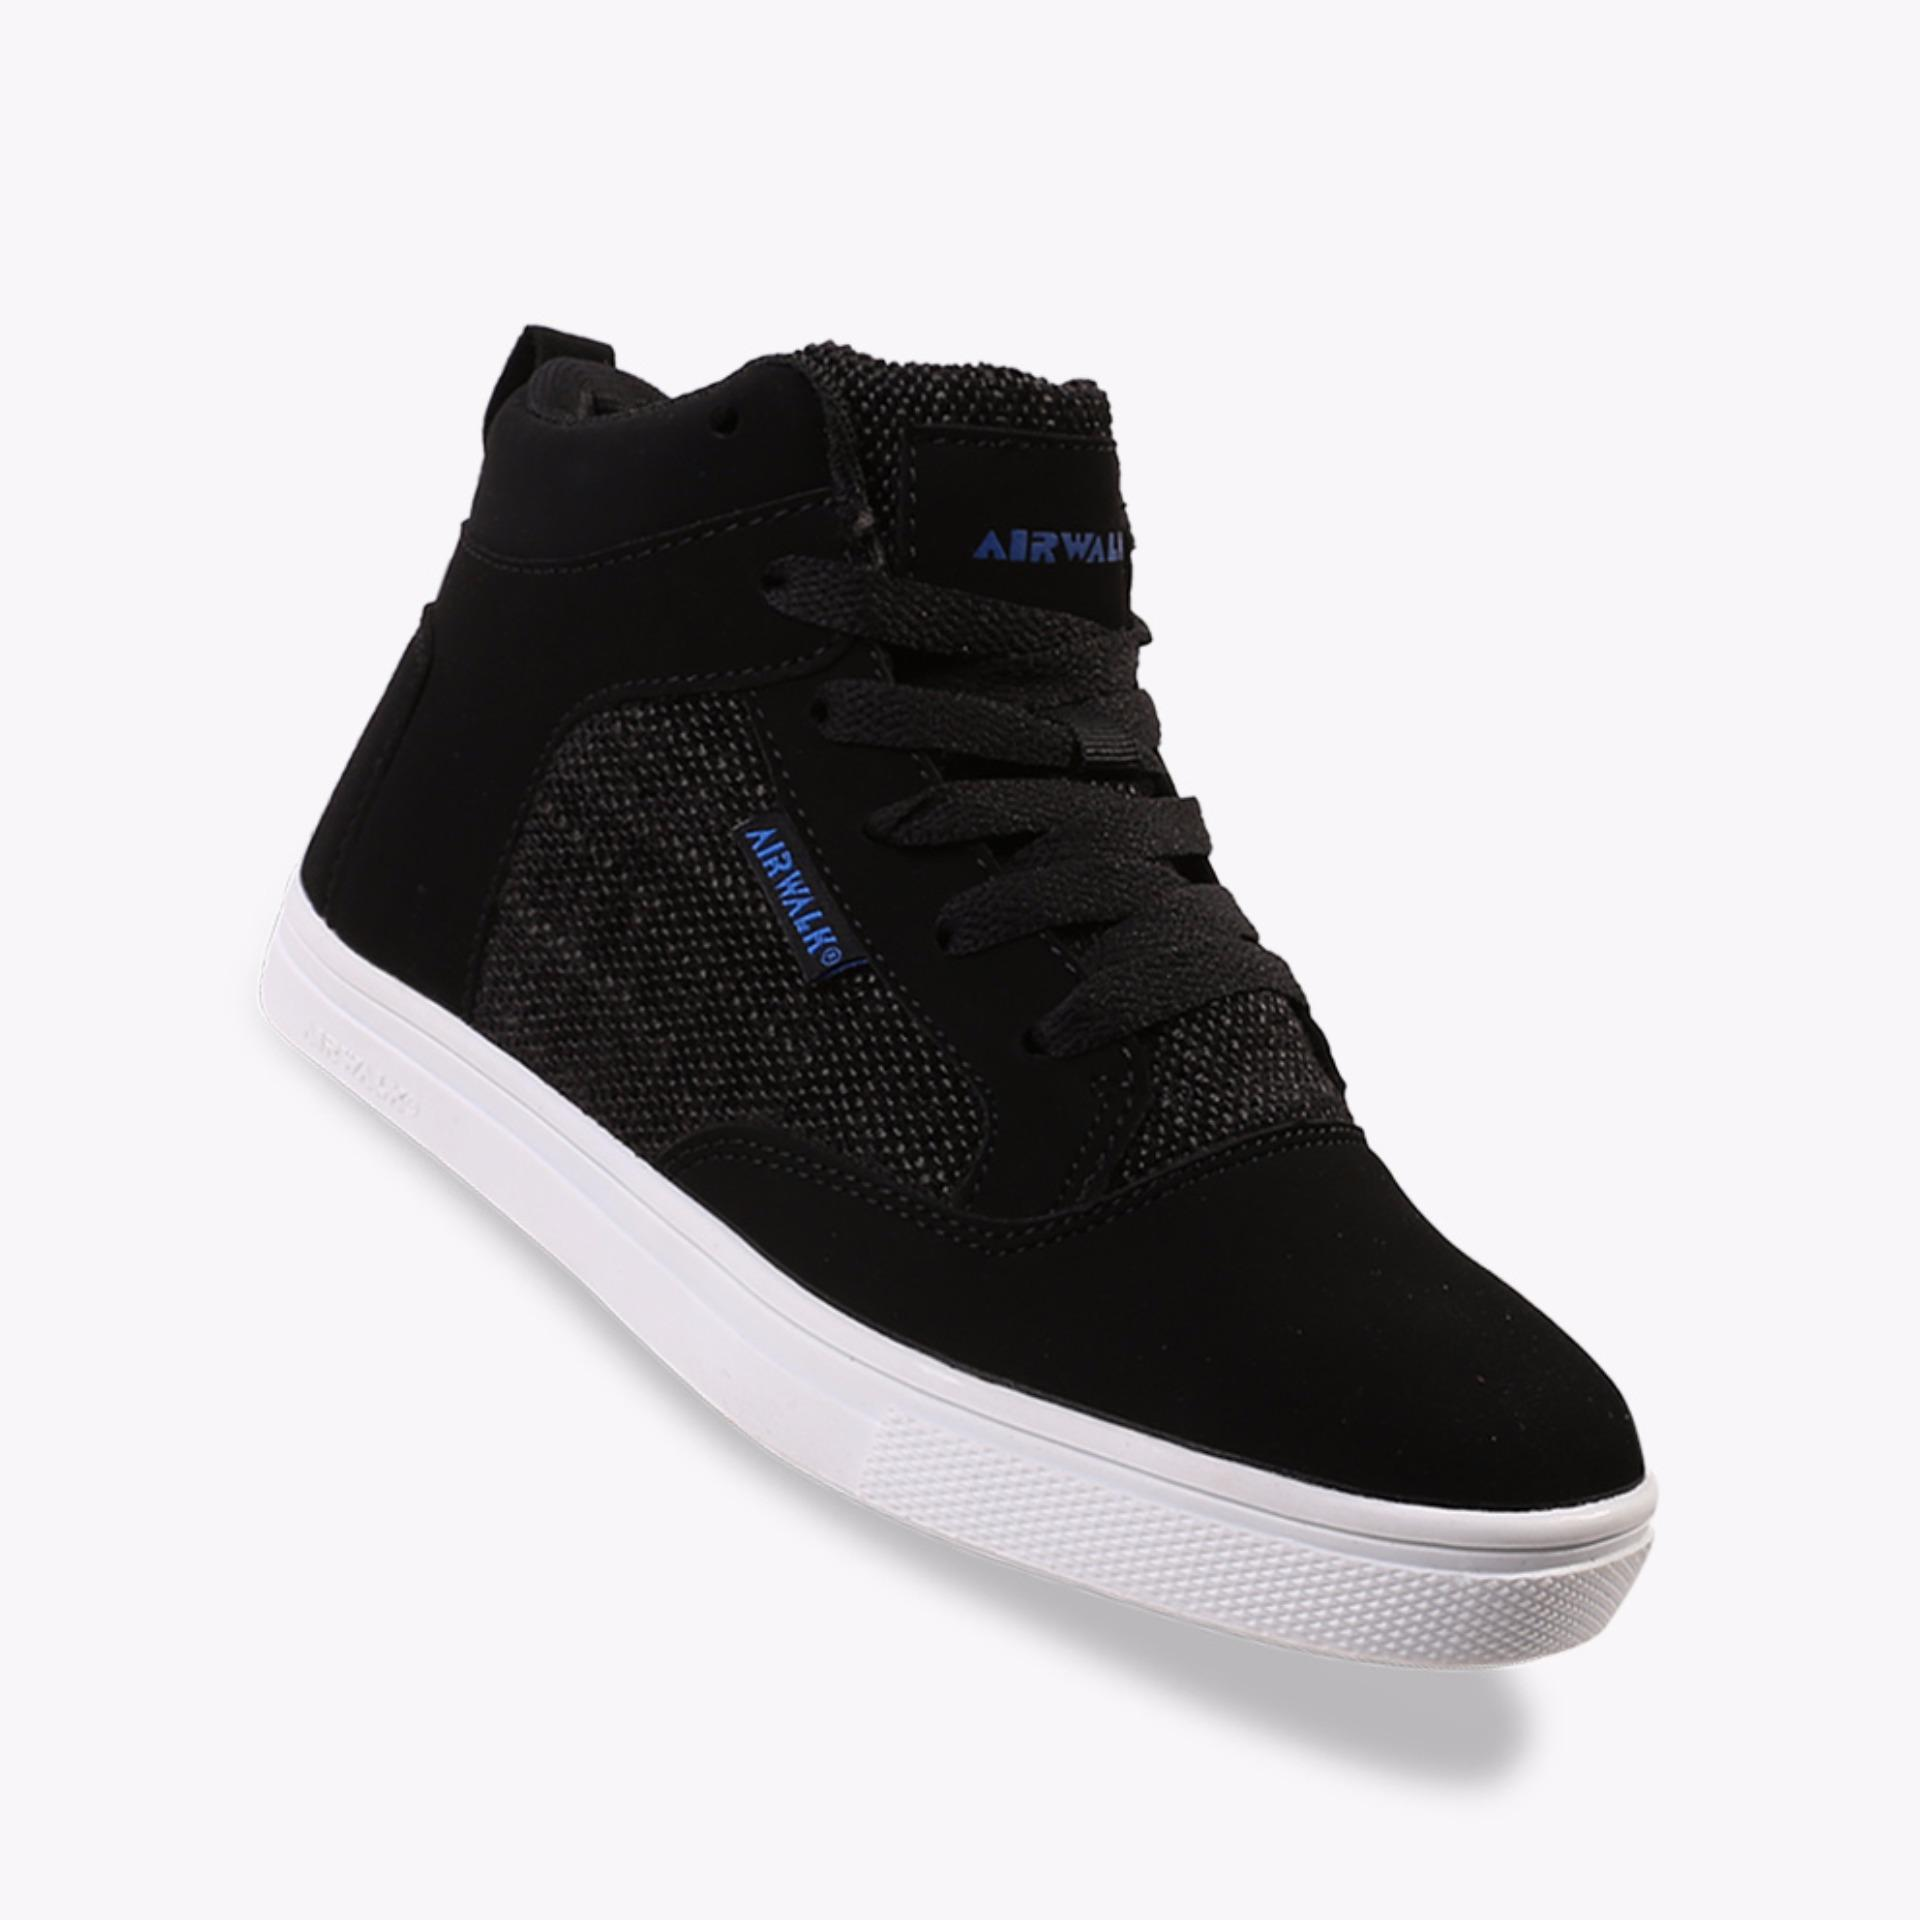 Airwalk Jorge Boys Sneakers Shoes - Hitam